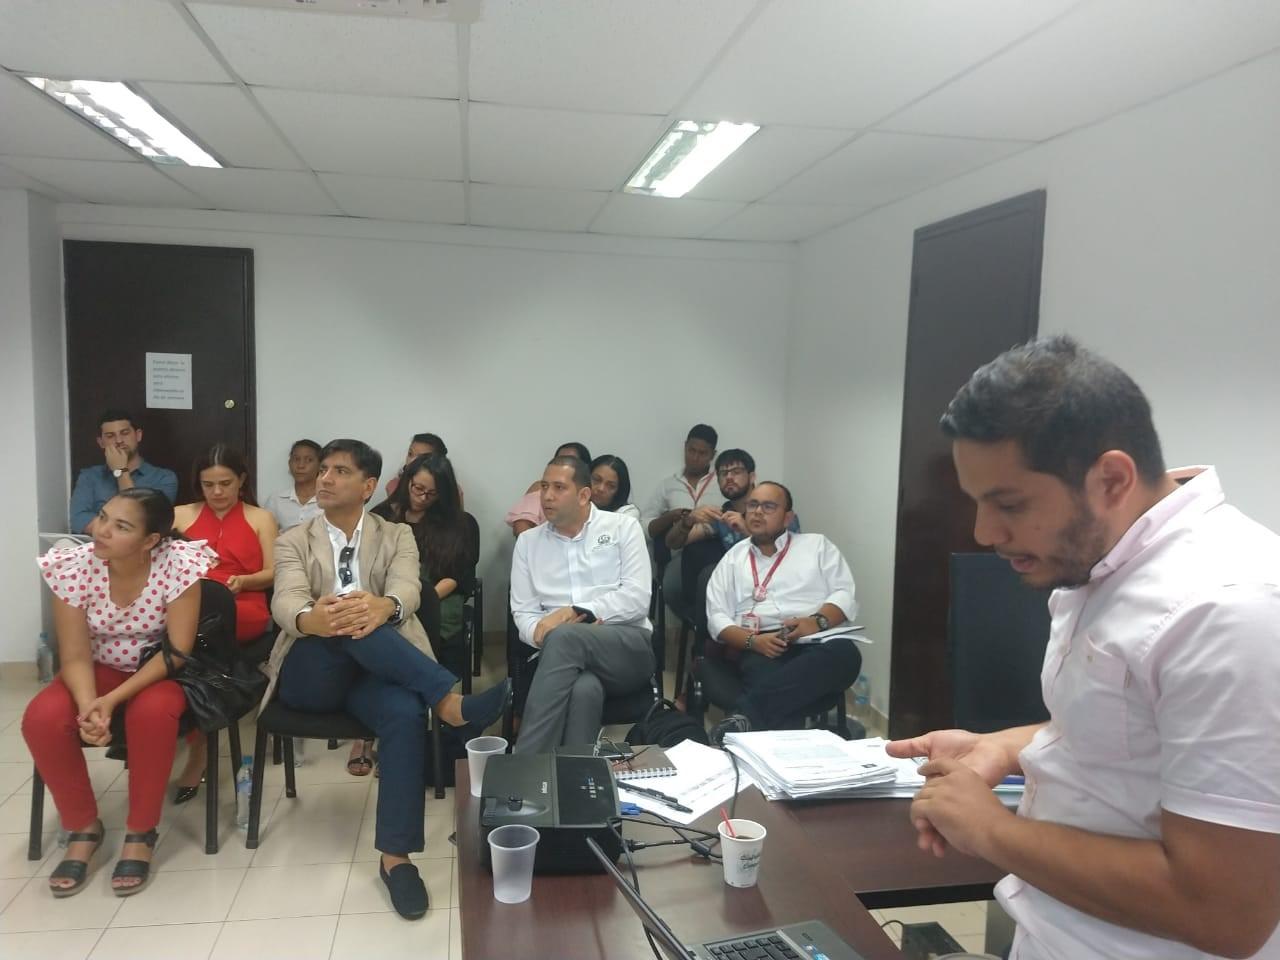 La CURN participó en la Mesa de trabajo restitución de tierras de Bolívar y Sucre